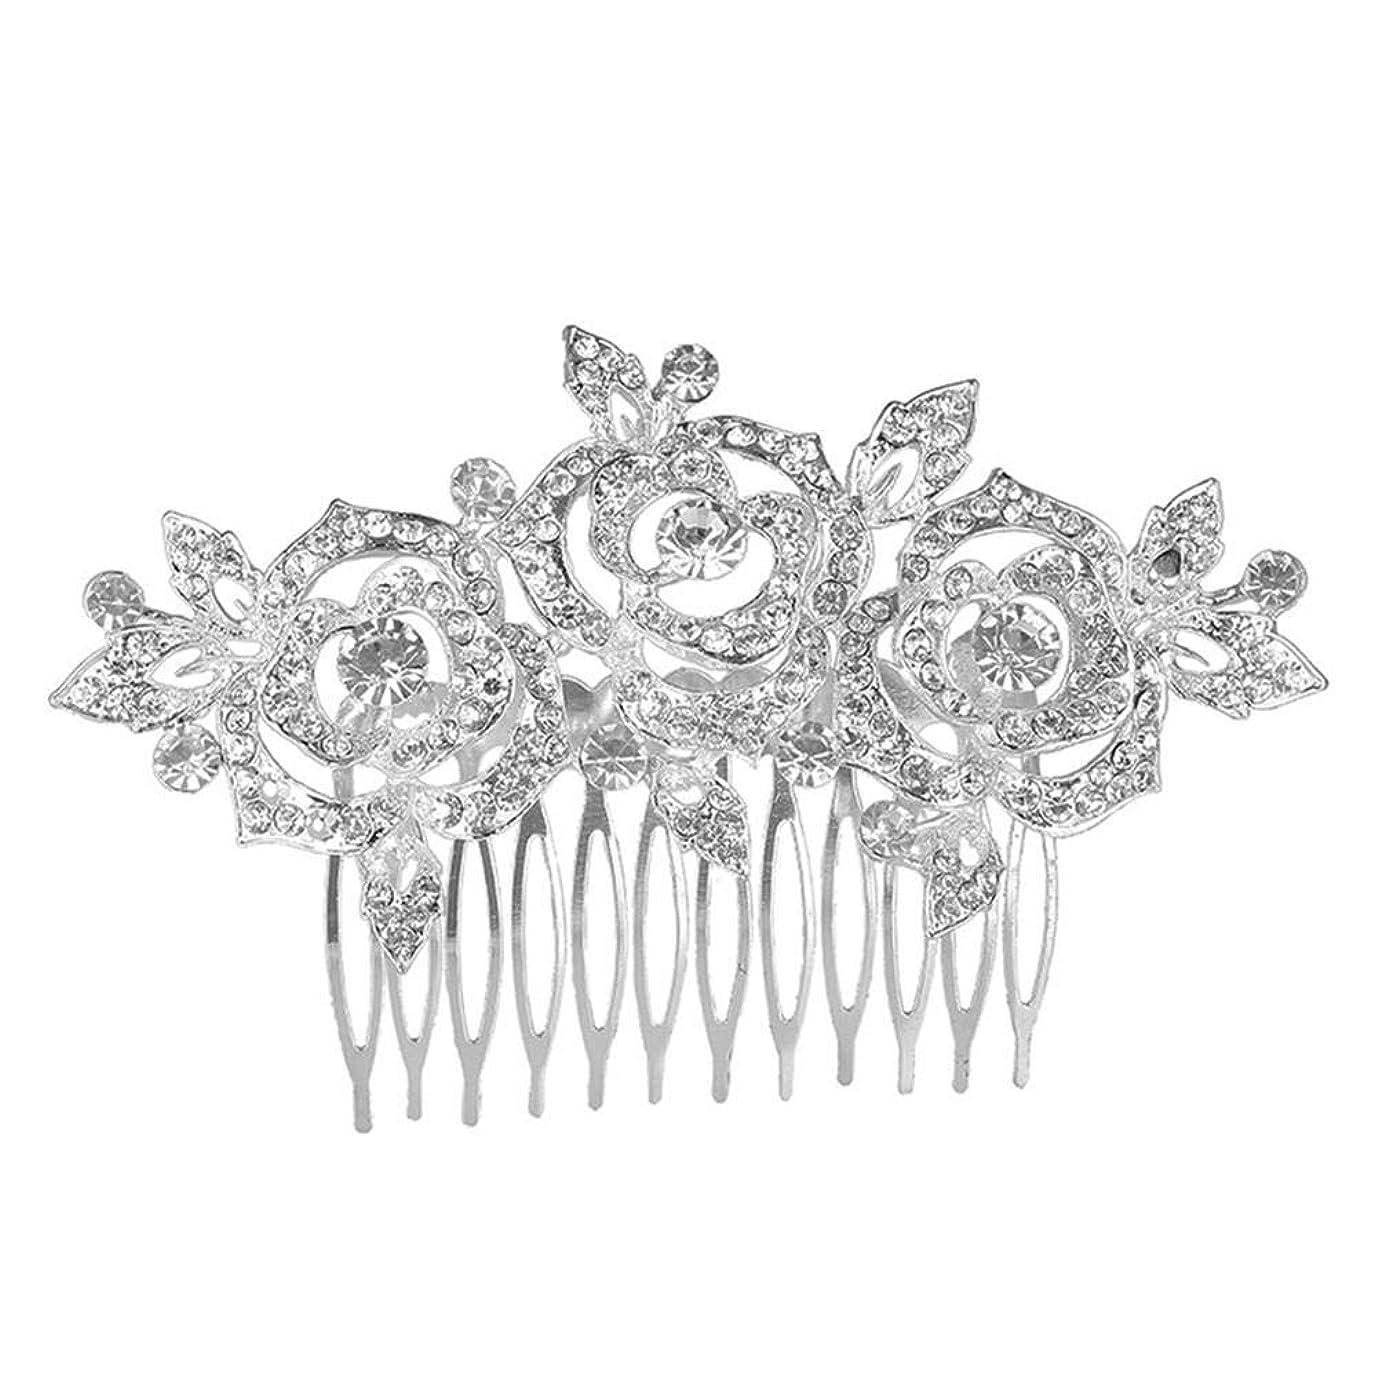 肥料隣接効率的髪の櫛挿入櫛花嫁の髪櫛クラウン髪の櫛結婚式の付属品櫛の髪の櫛花の櫛の櫛ブライダルヘッドドレス